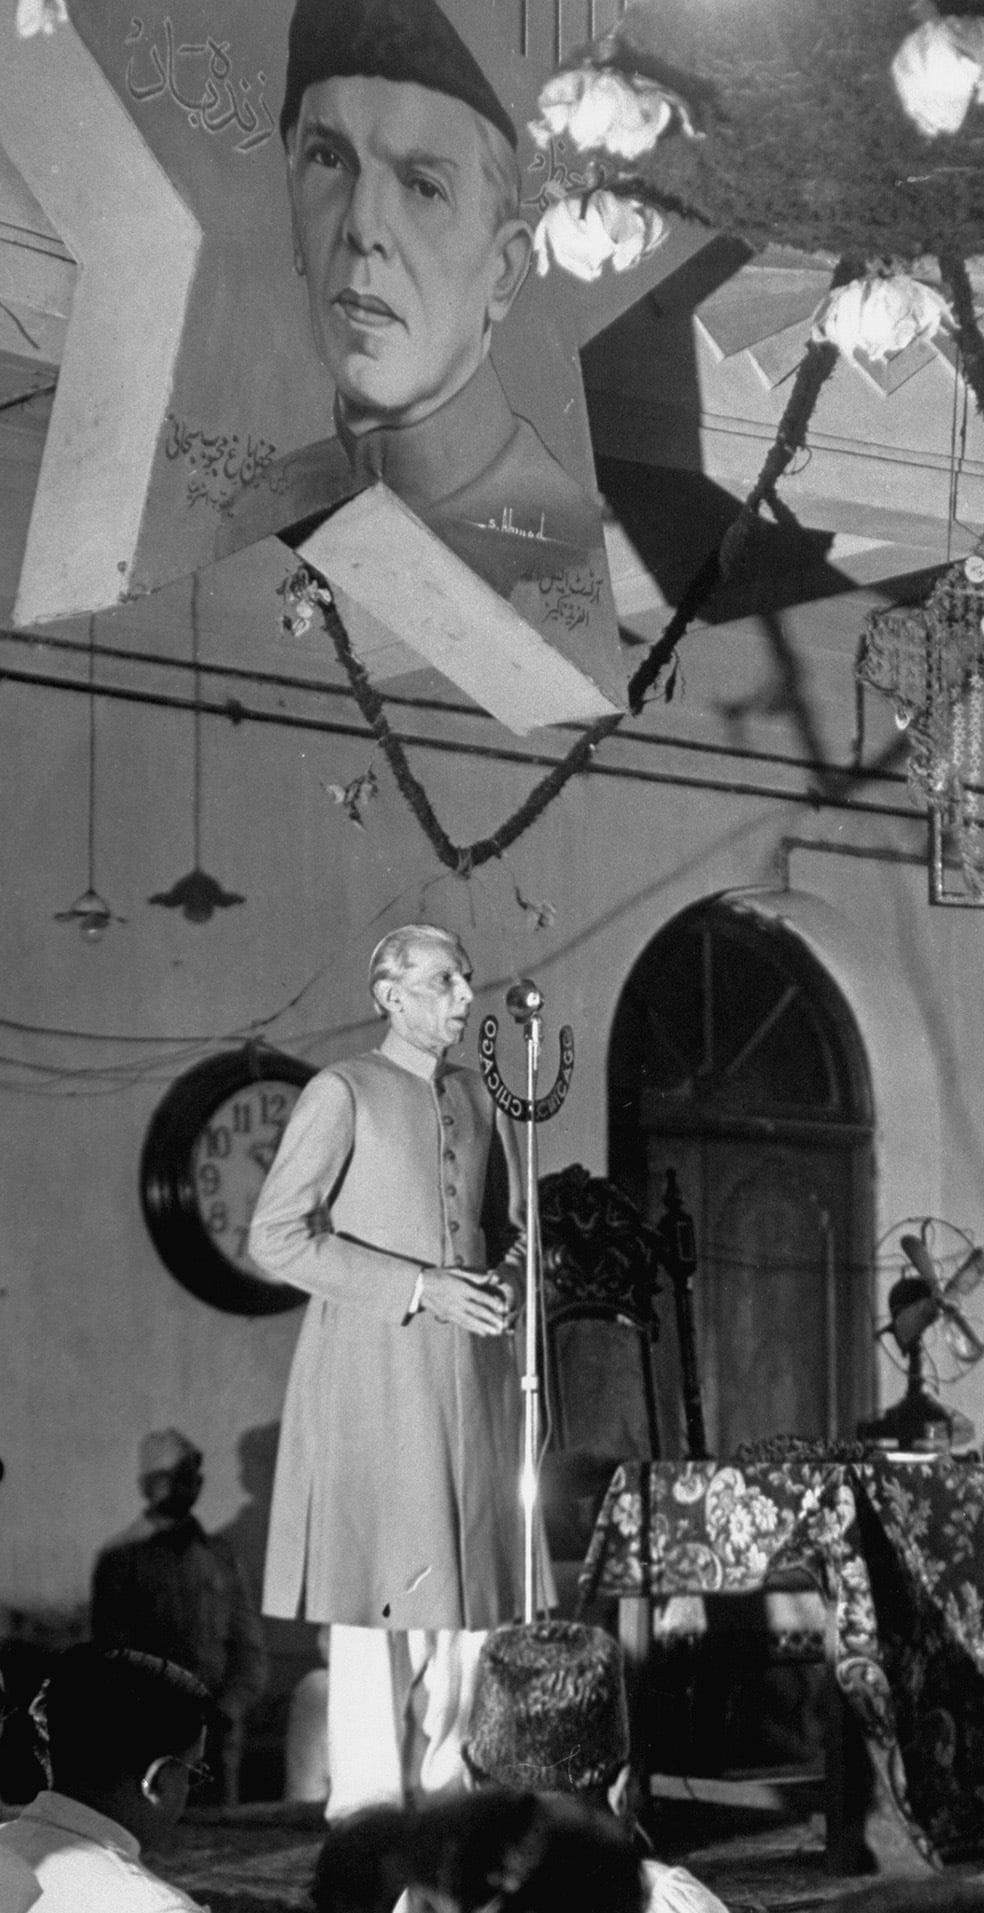 فوٹو: بشکریہ کتاب 'وٹنس ٹو لائف اینڈ فریڈم'، رولی بک دہلی